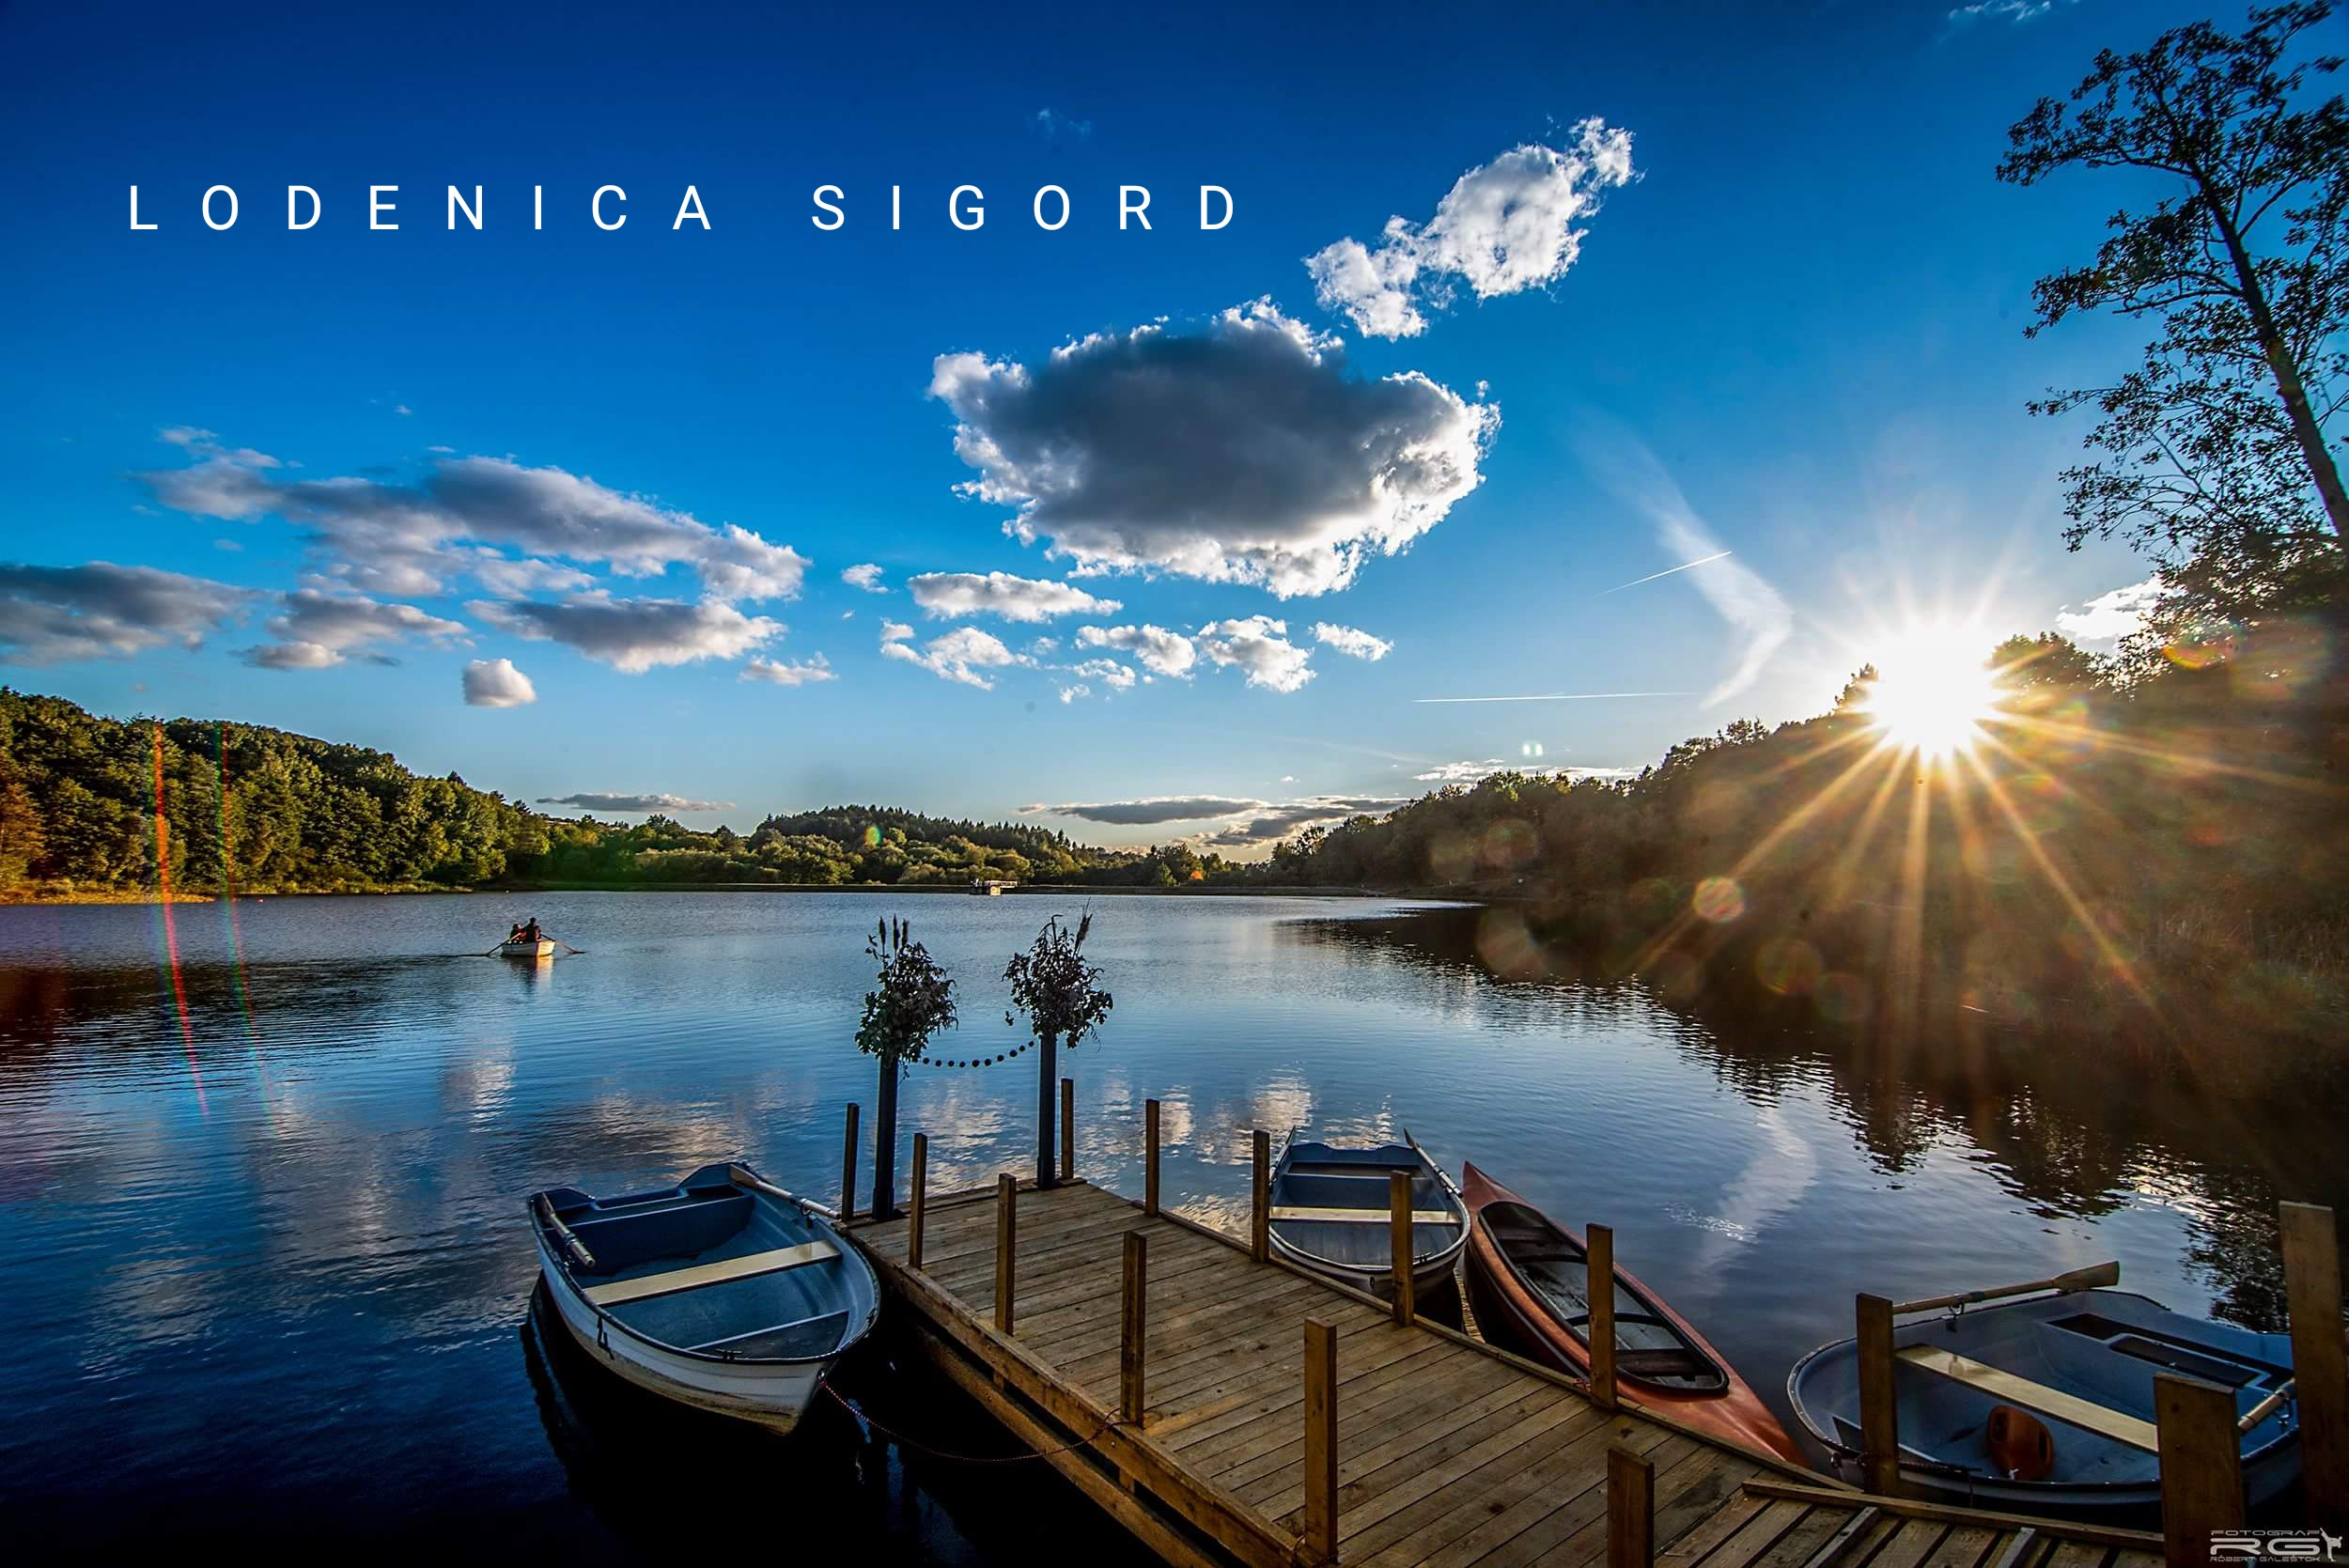 Lodenica Sigord